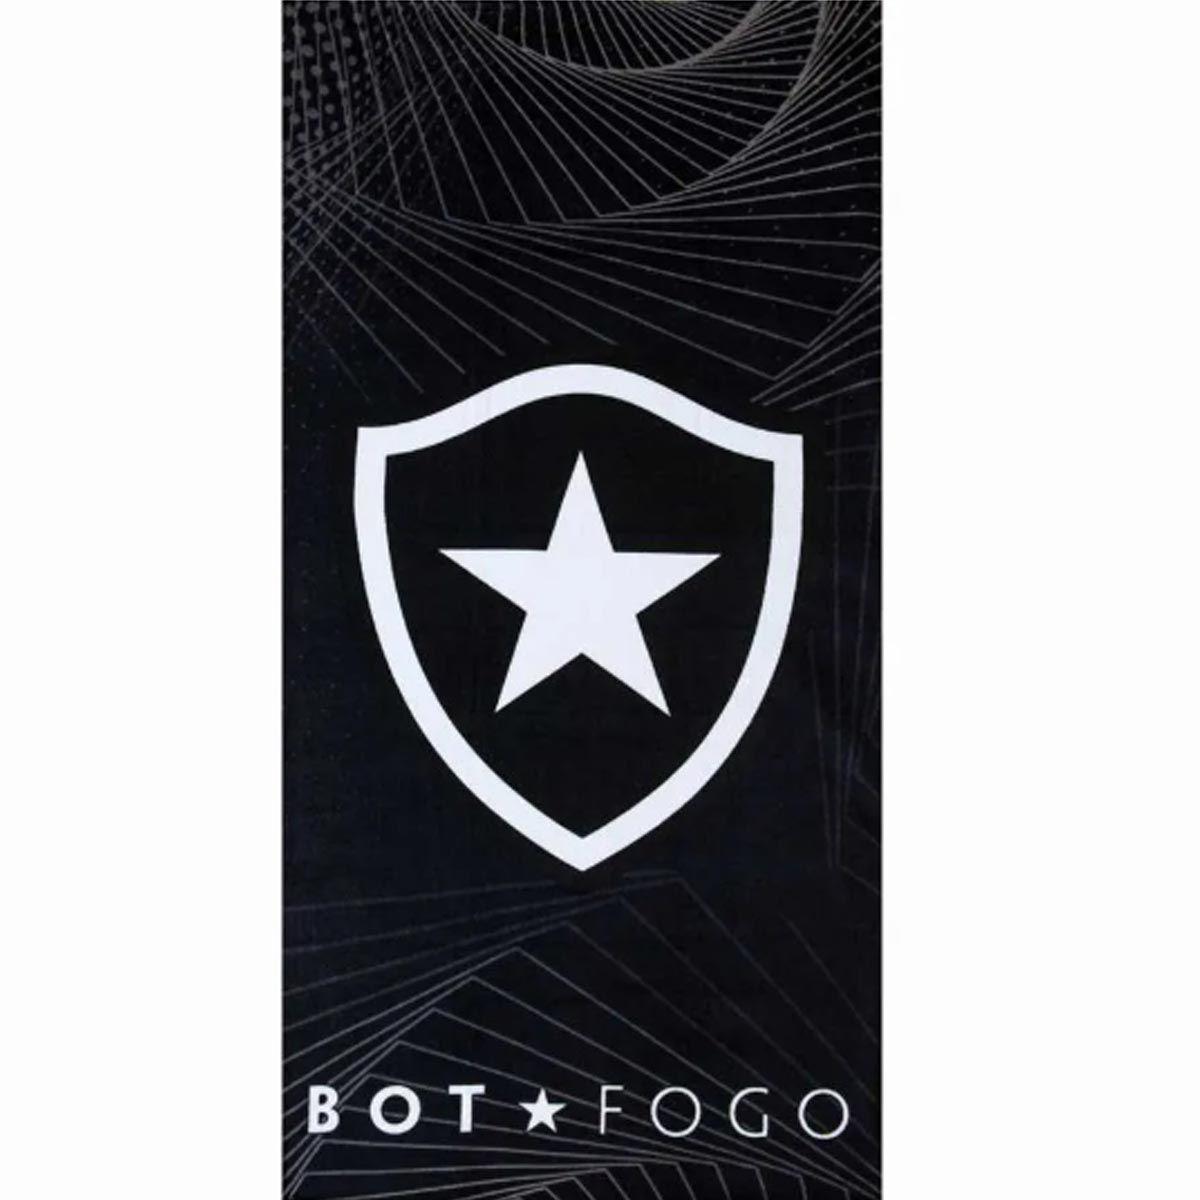 Toalha Time Velour 76x1.52 Botafogo 08